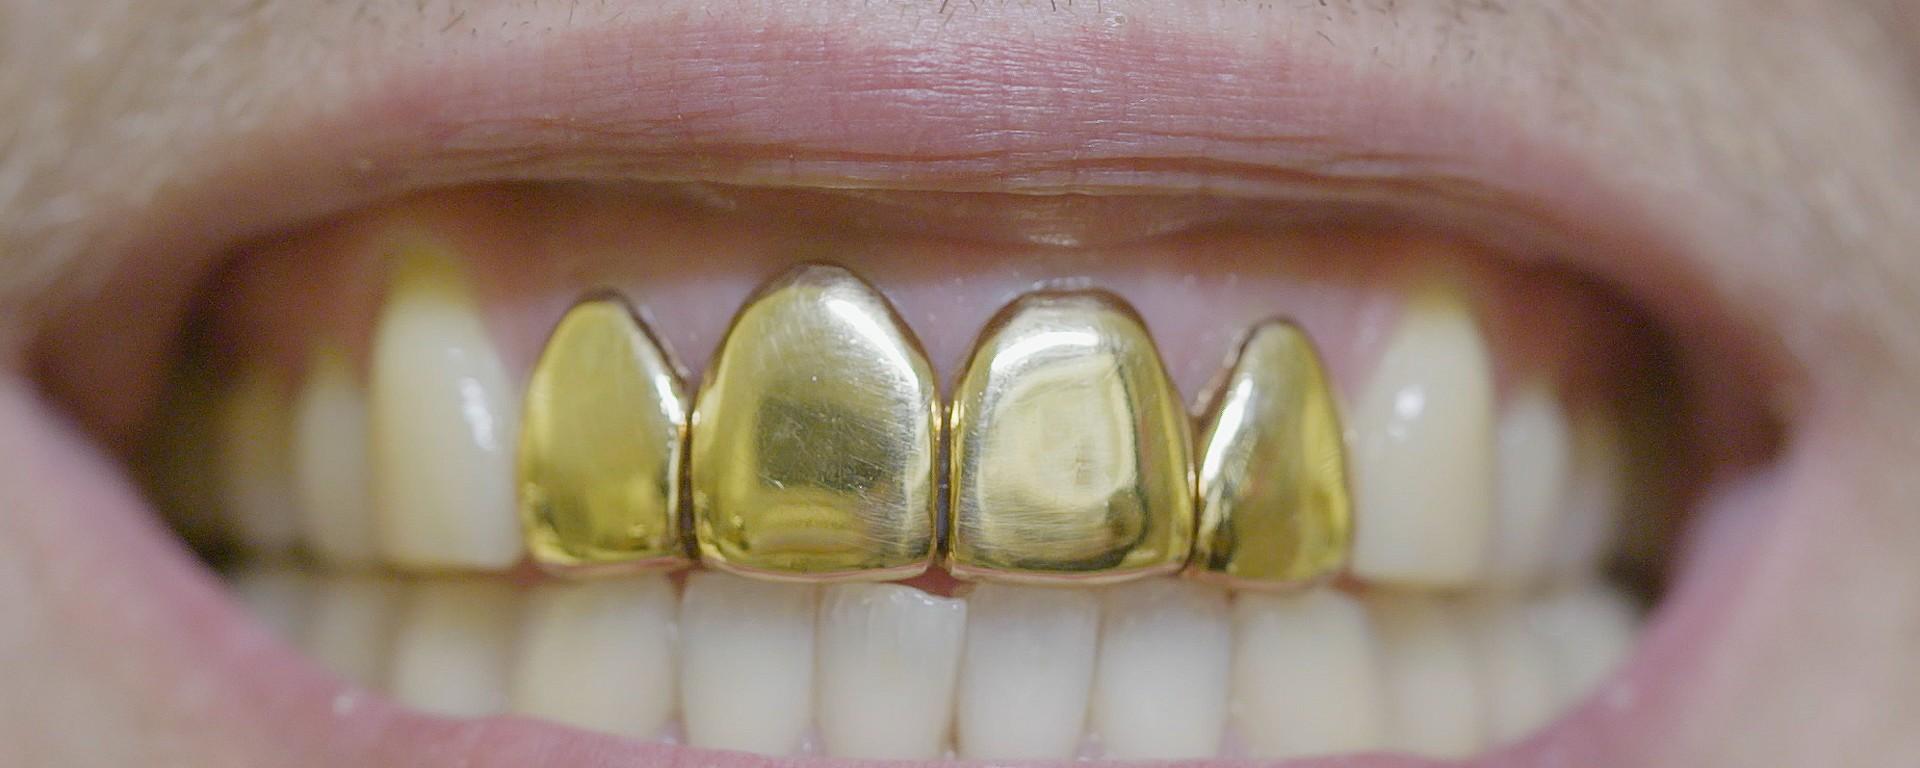 Zähne schlechte Sind schlechte